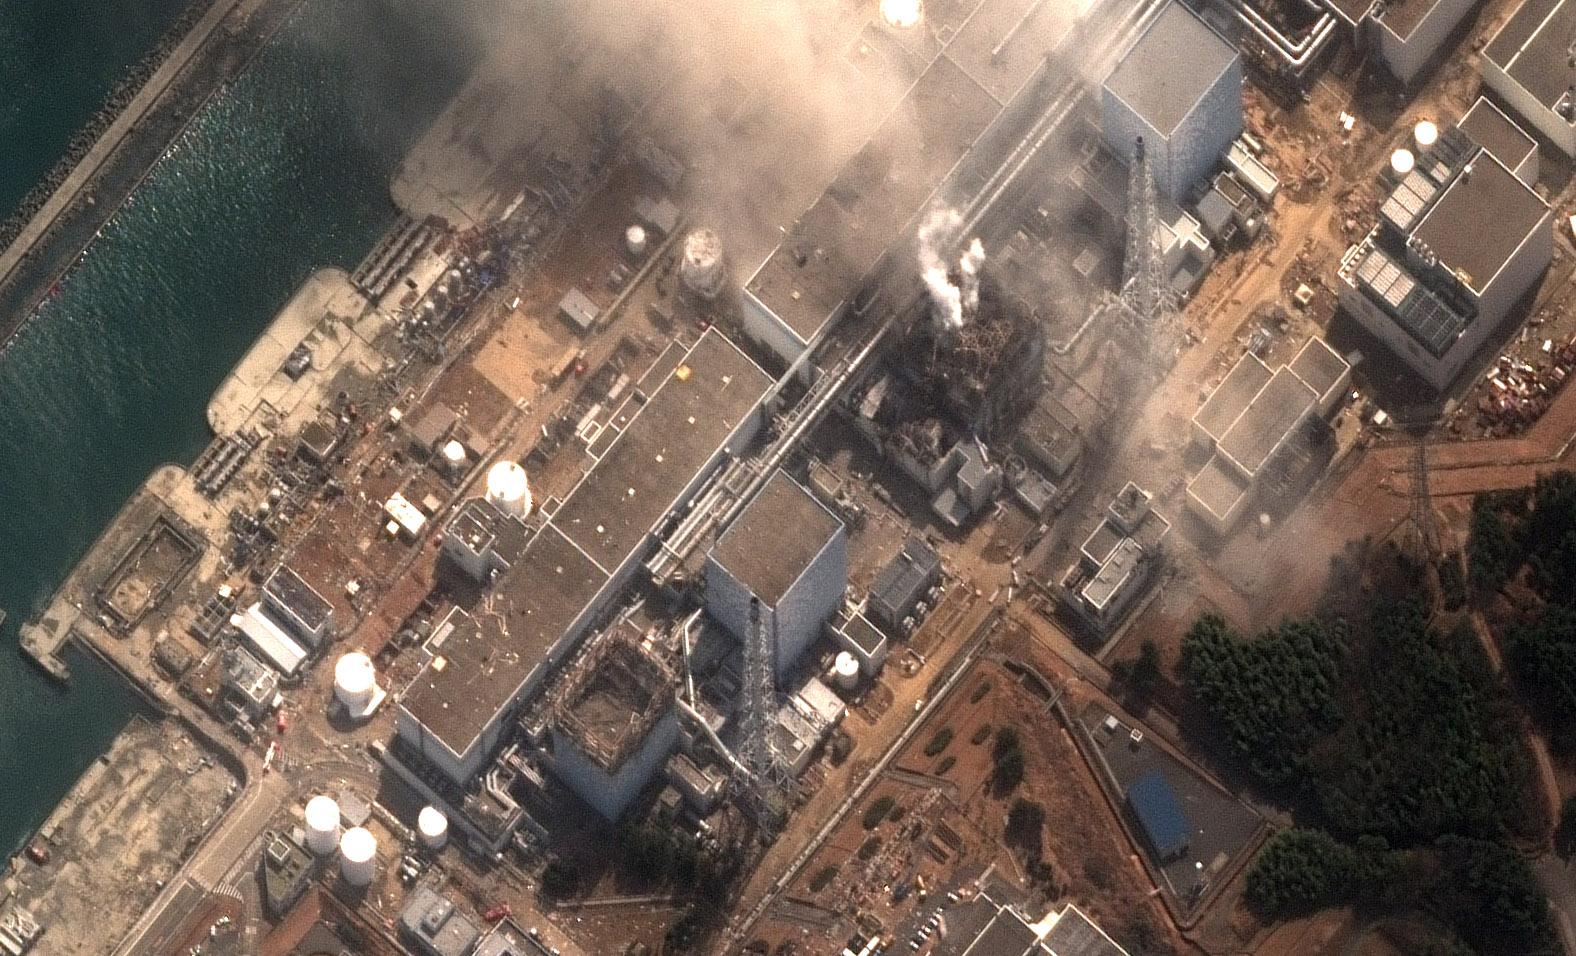 fukushima_Reactor2-after_explosions.jpg